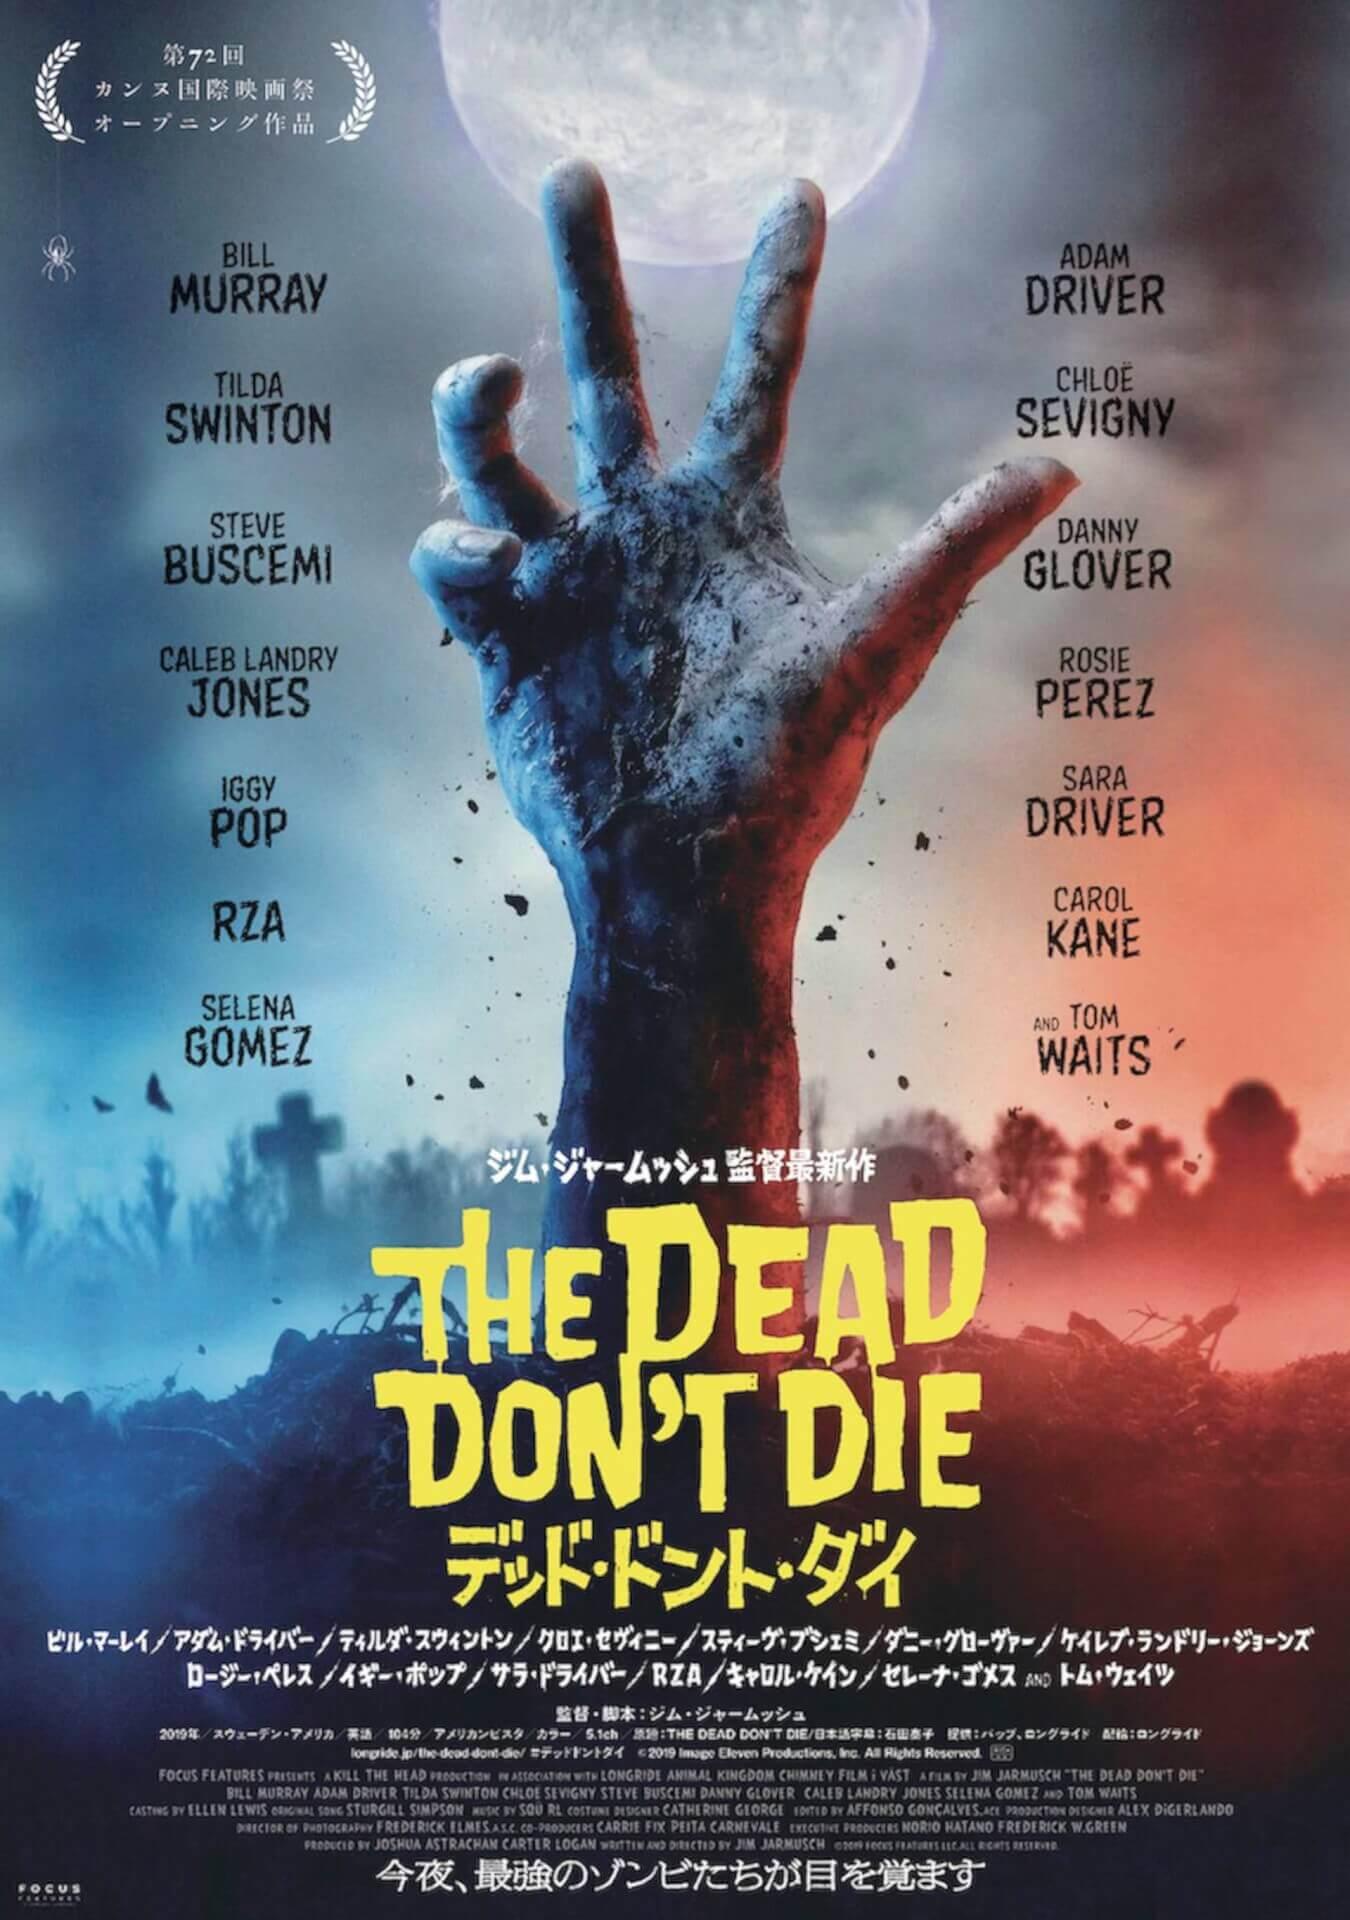 クリープハイプ尾崎世界観が『デッド・ドント・ダイ』ジム・ジャームッシュにインタビュー!cero髙城、中田クルミ、荻上チキらからのユニークなコメントも到着 film200324_deaddontdie_2